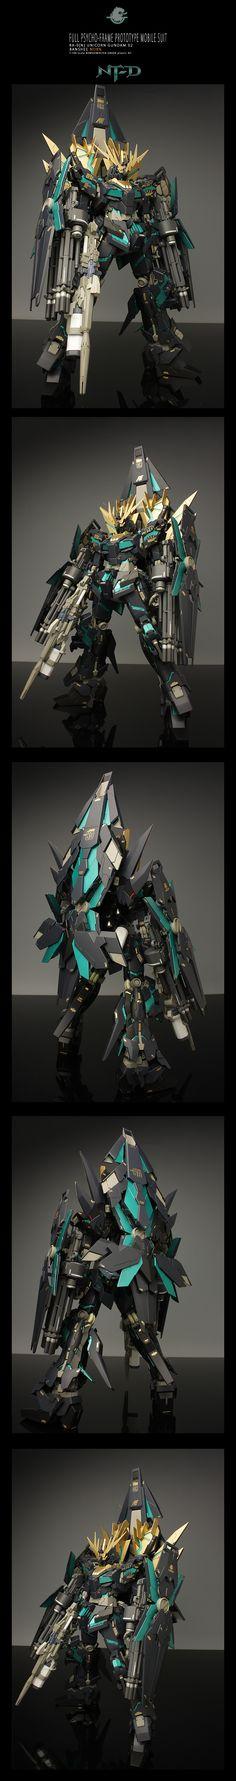 MG 1/100 Unicorn Gundam 02 Banshee Norn. Work by Mosaho.